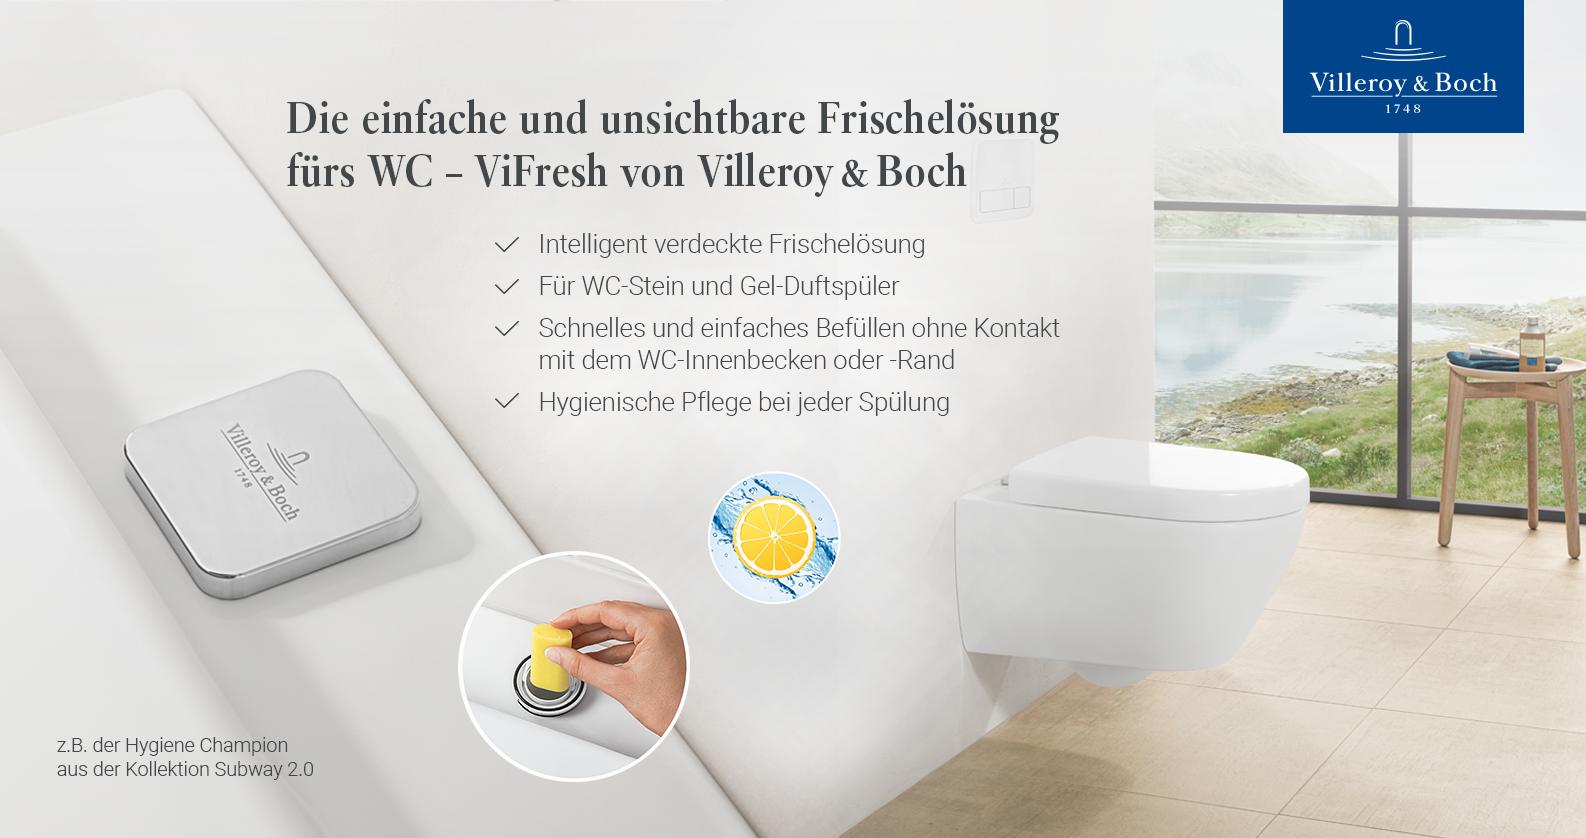 Villeroy & Boch Hygiene-Champion